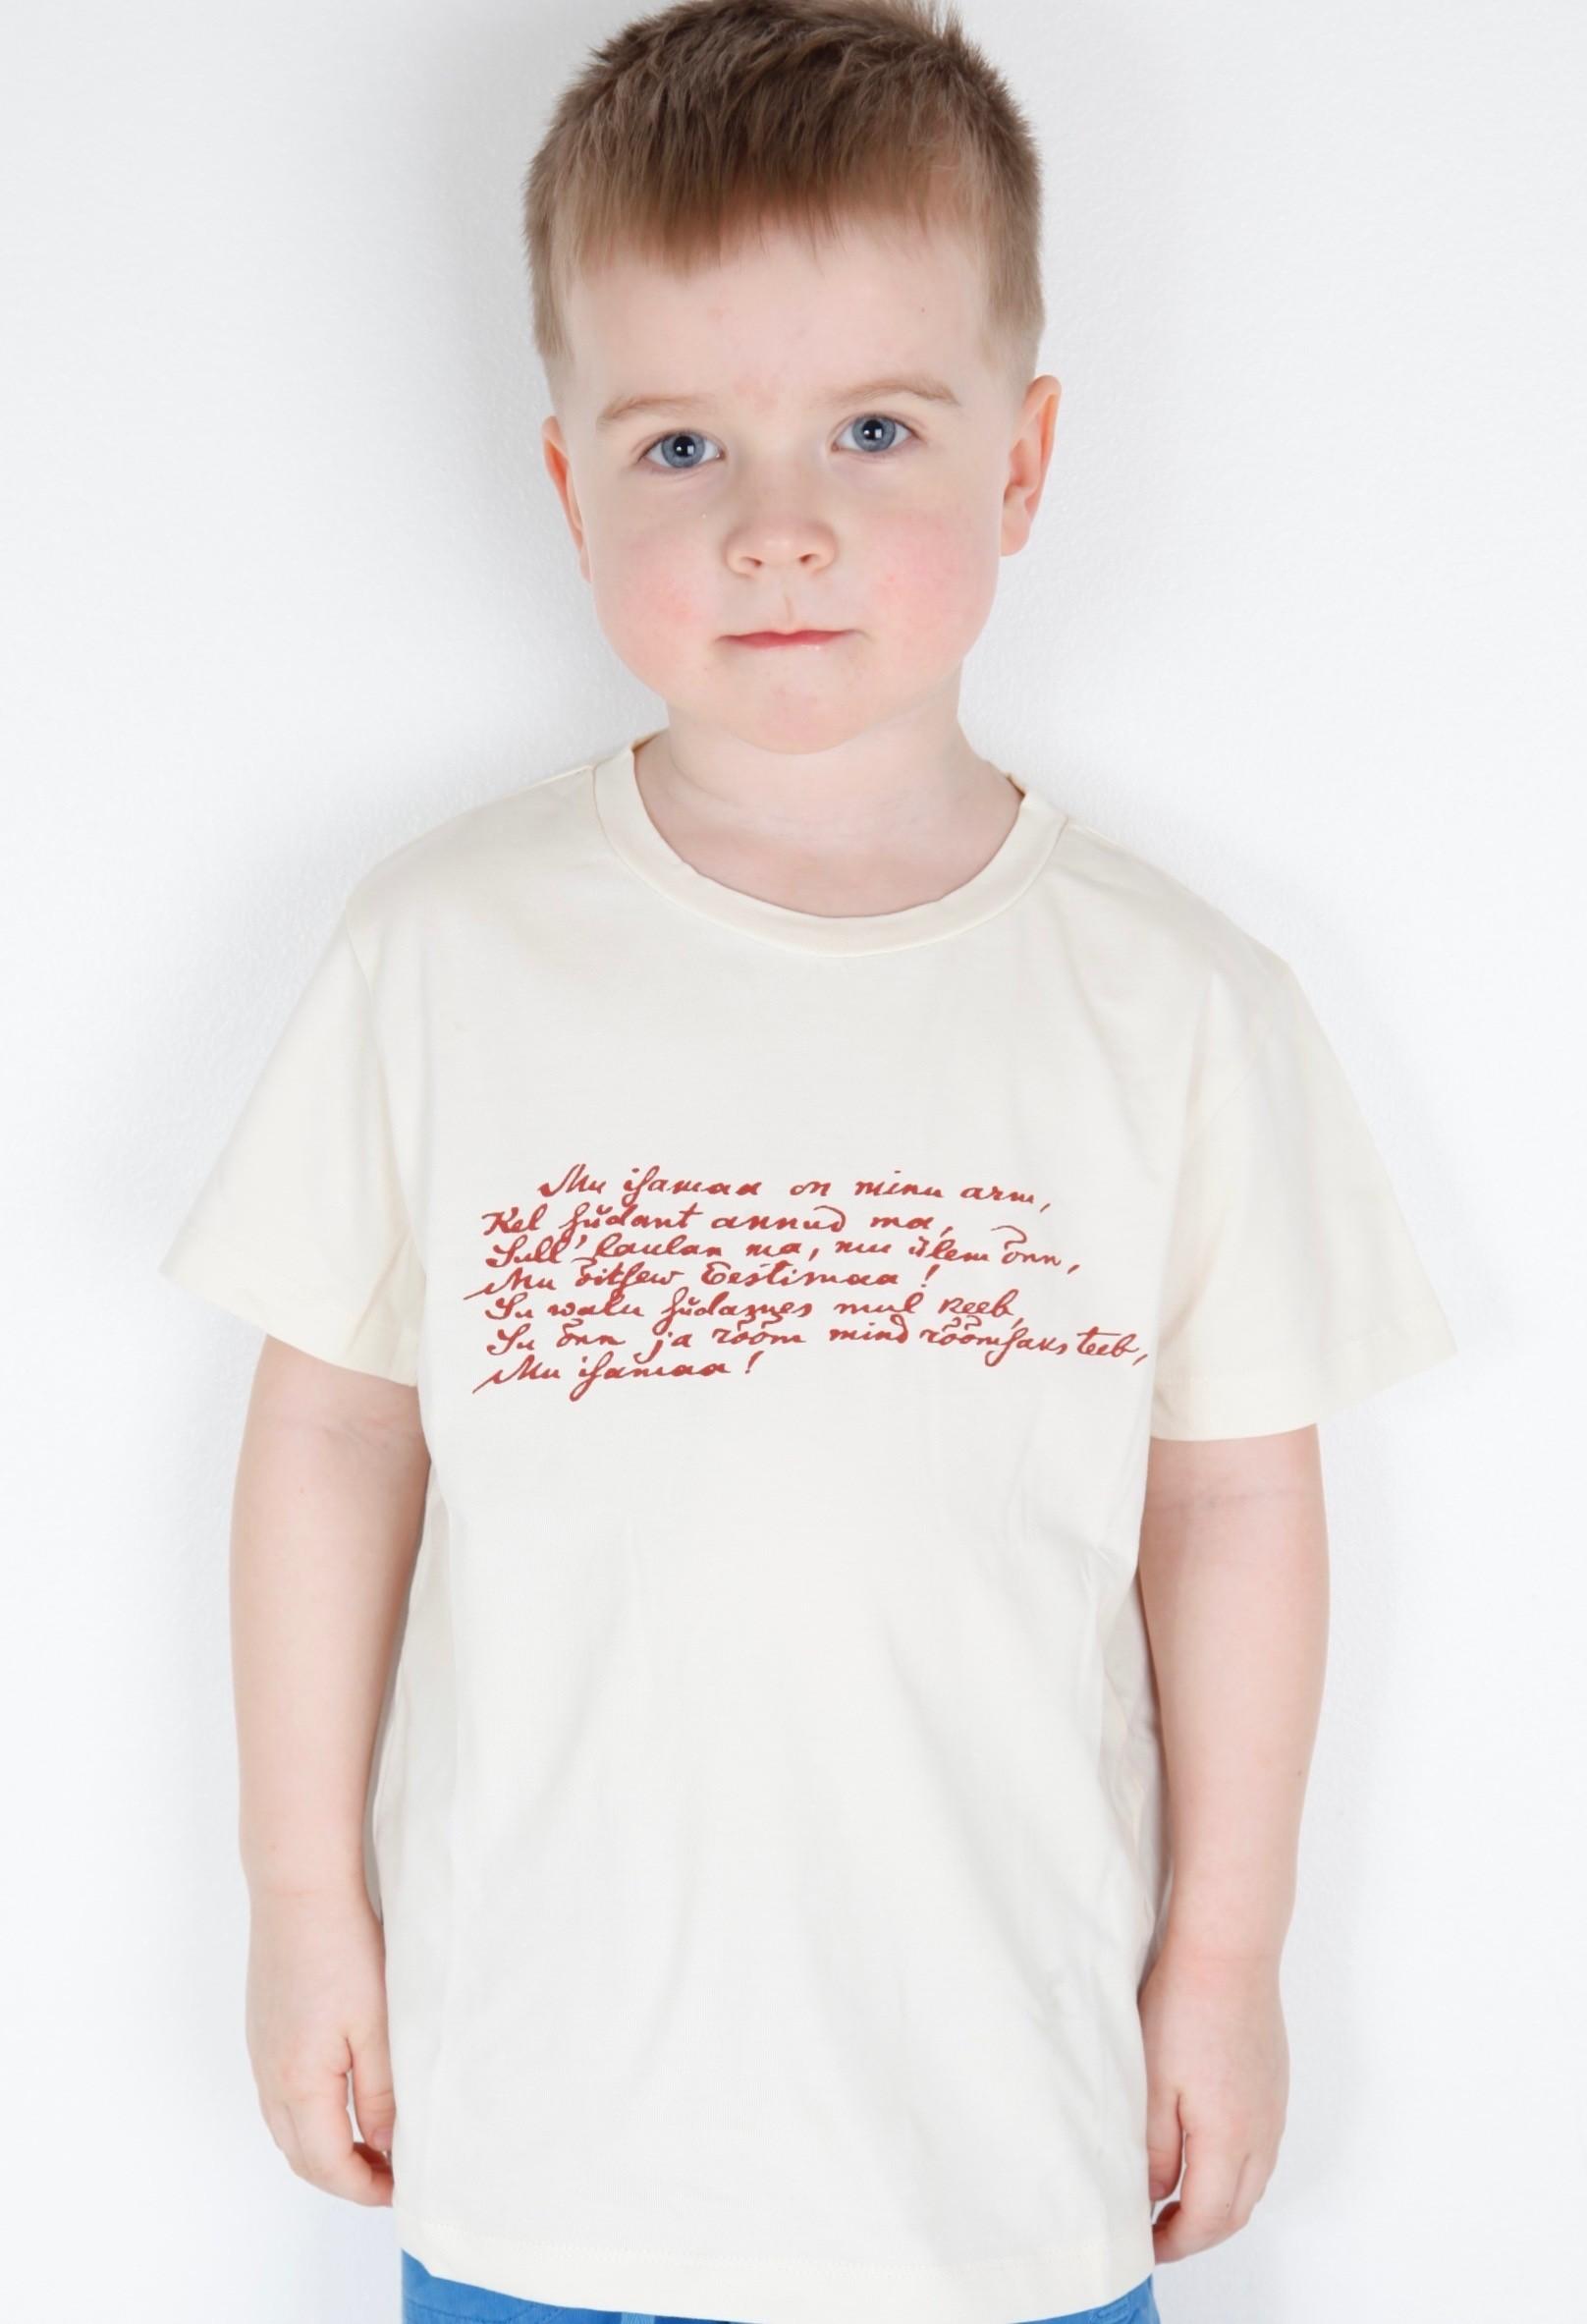 0b7d5219813 Laulu- ja tantsupeo kingipood - MINU ARM beez t-särk lastele - Särgid